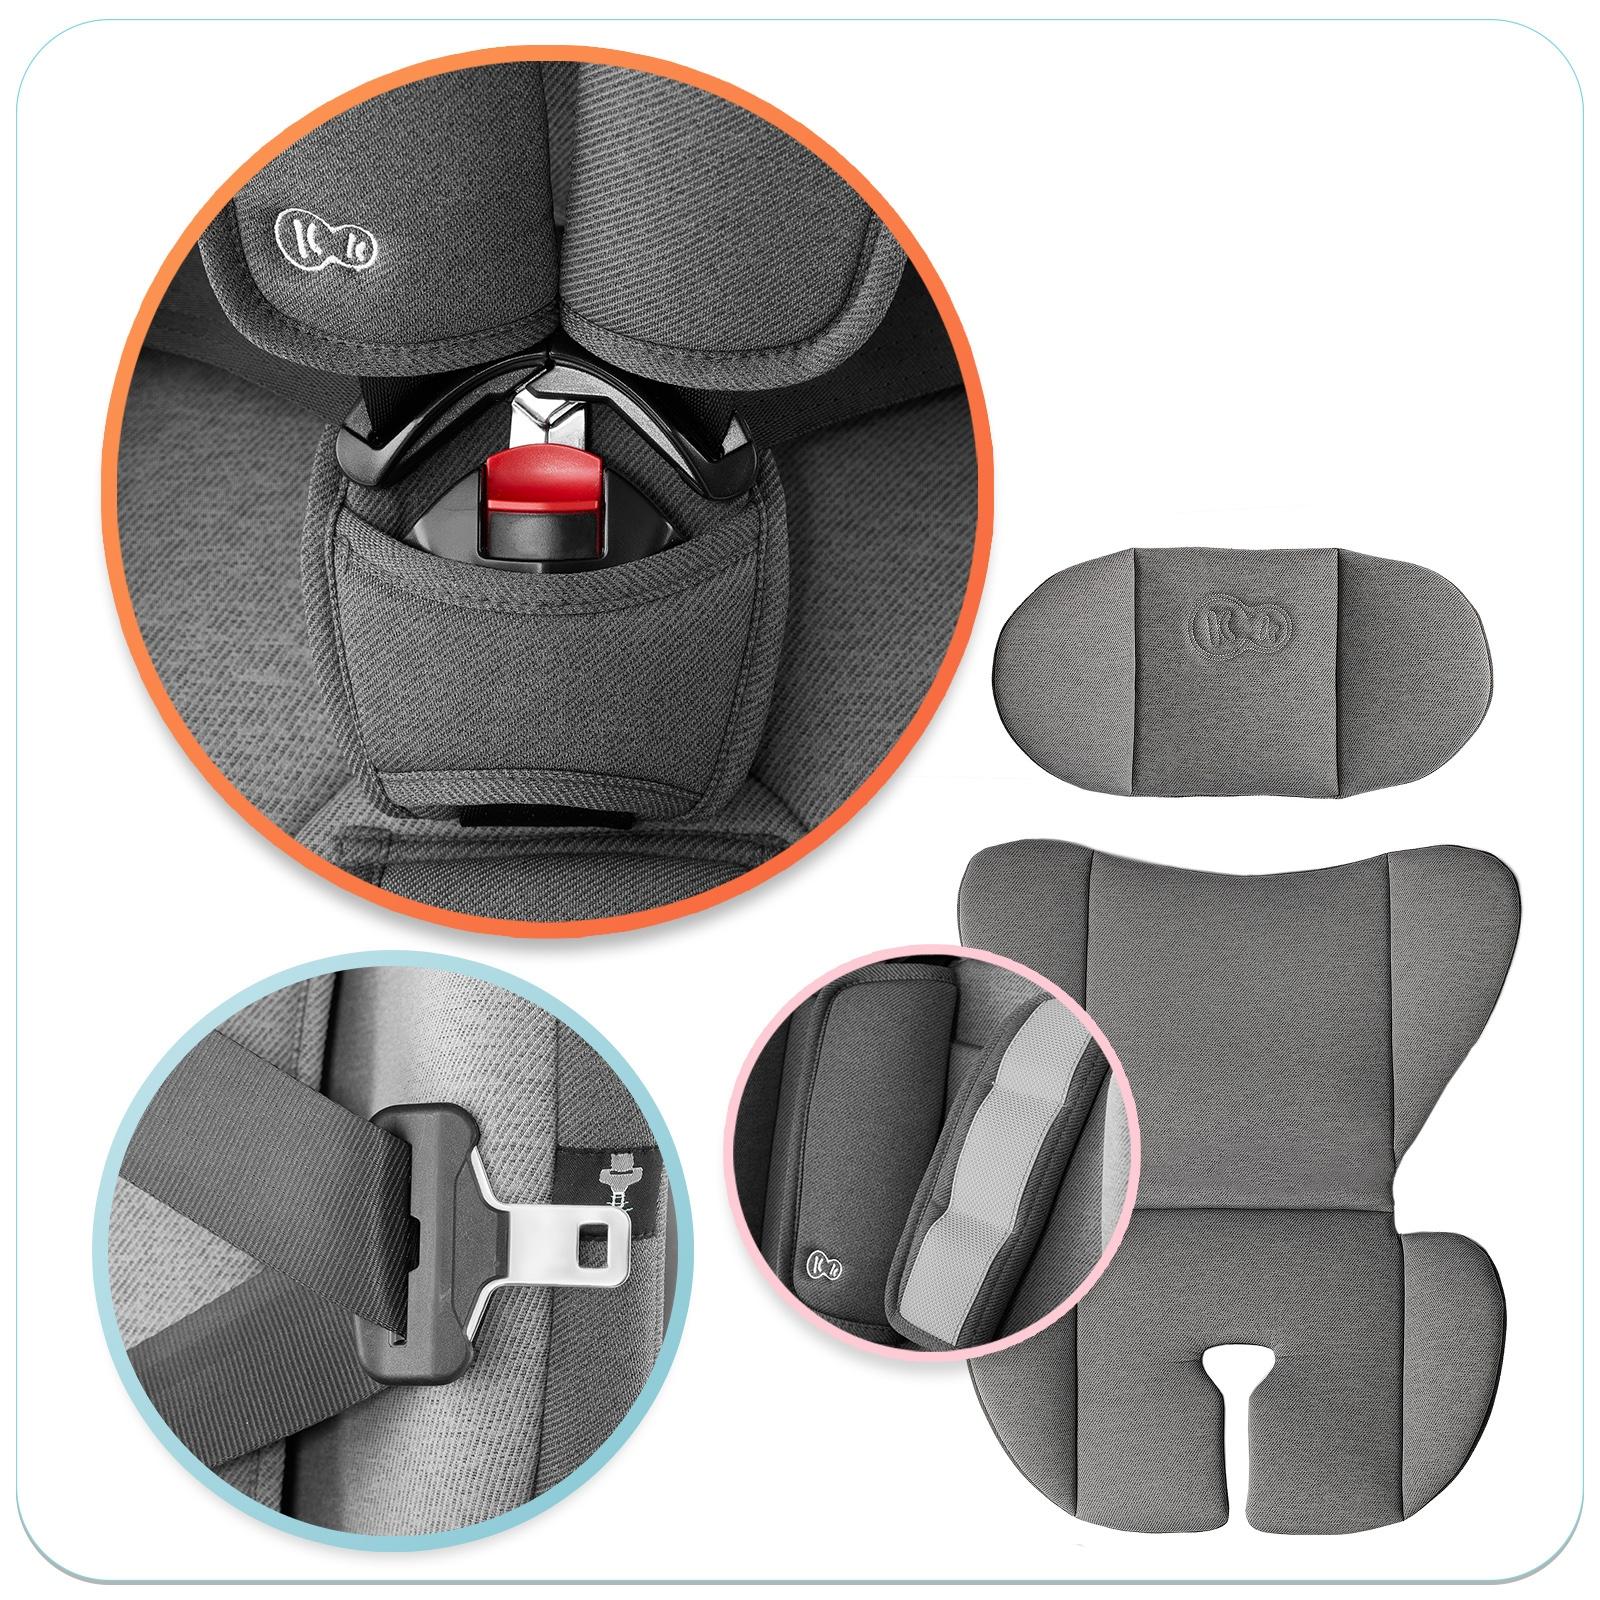 Fotelik Samochodowy 936 isofix Kinderkraft Oneto3 Sposób montażu samochodowy pas bezpieczeństwa ISOFIX